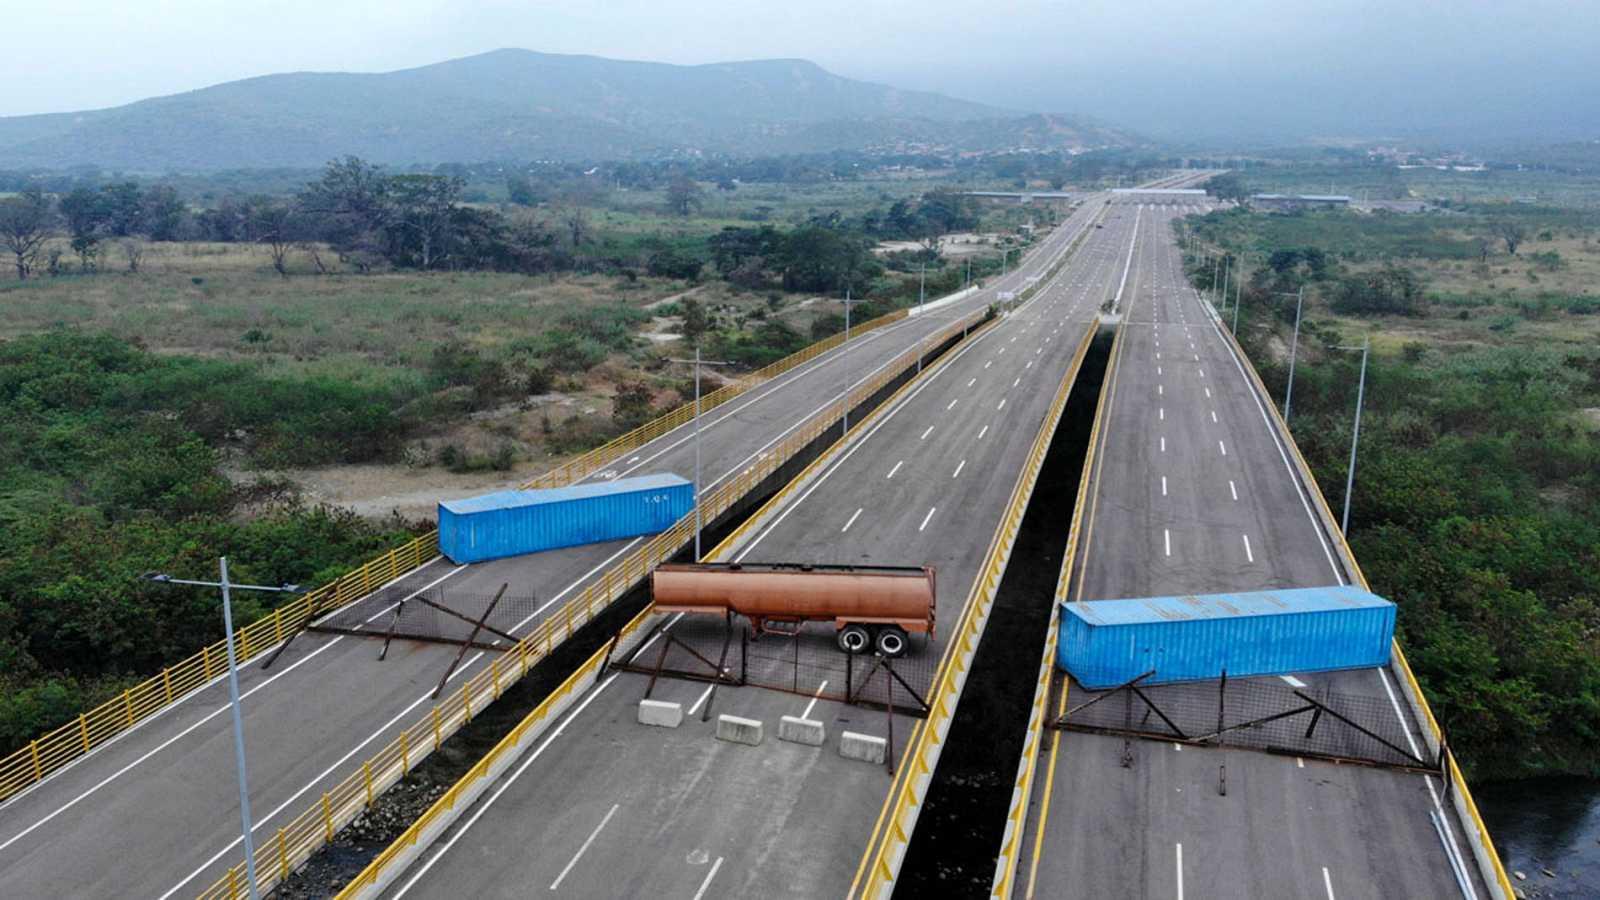 Guaidó exige que se permita la entrada de ayuda humanitaria tras el bloqueo del principal puente con Colombia